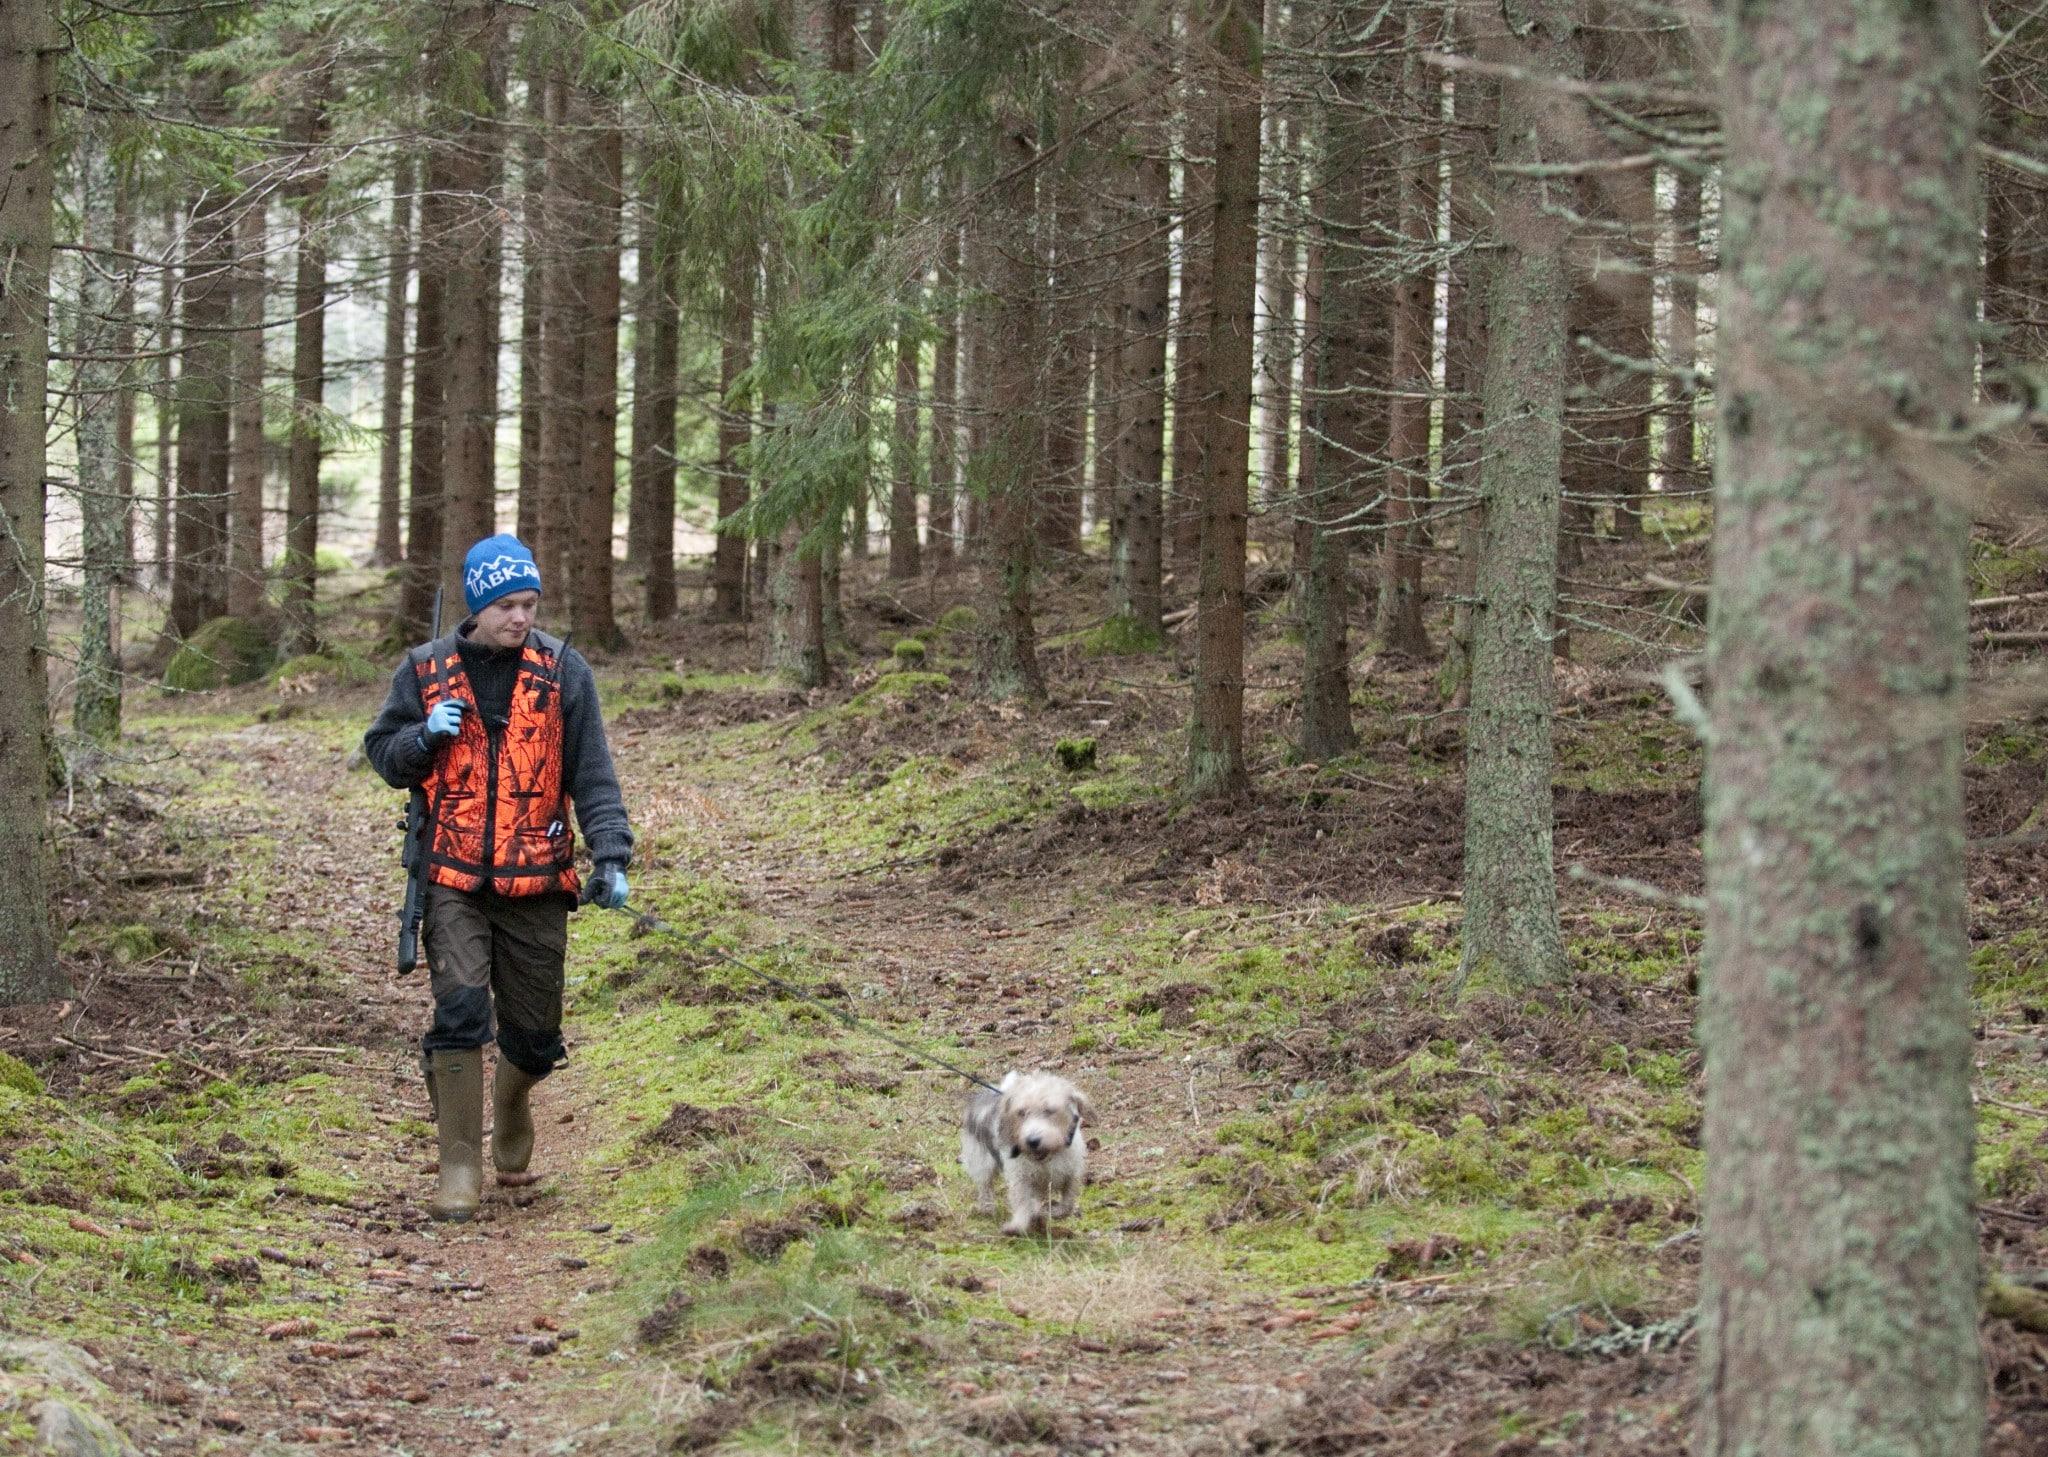 Lägg ett doftspår, en slinga som den försvunna hunden kan följa, där den har observerats eller där du tror att den kan befinna sig. Ta gärna med en hundkompis. Foto: Jan Henricson